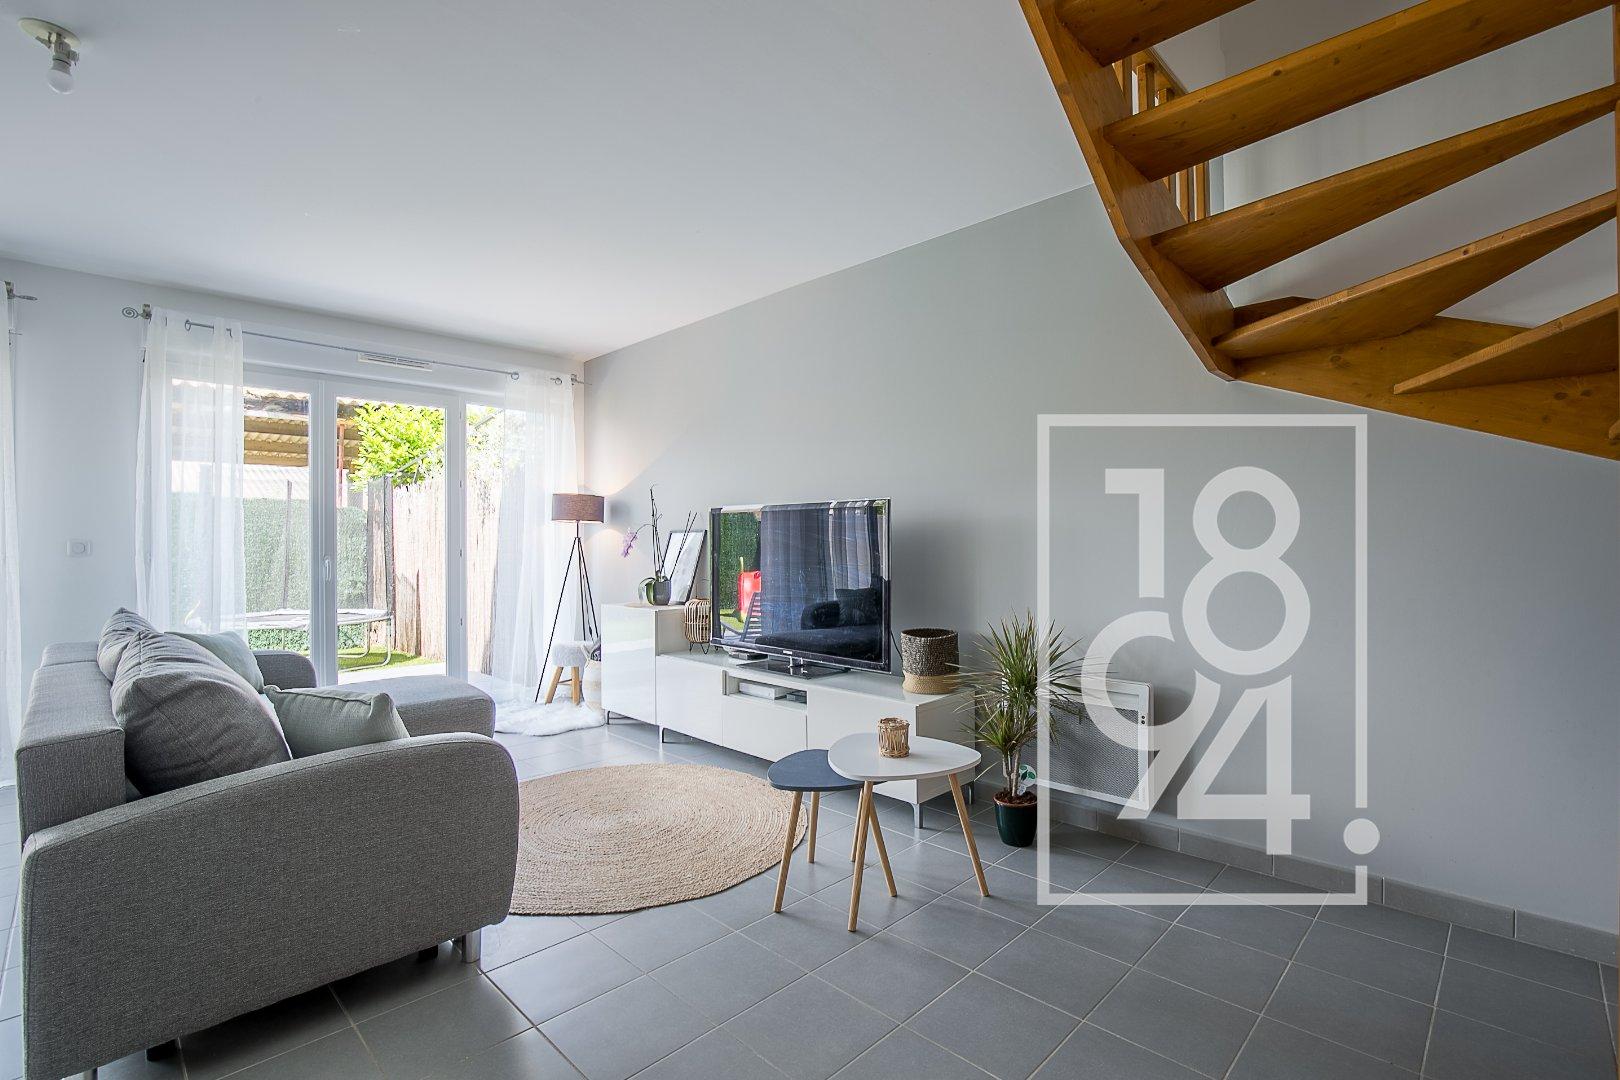 Maison traversante 4 pièces de 100 m² avec jardin et garage